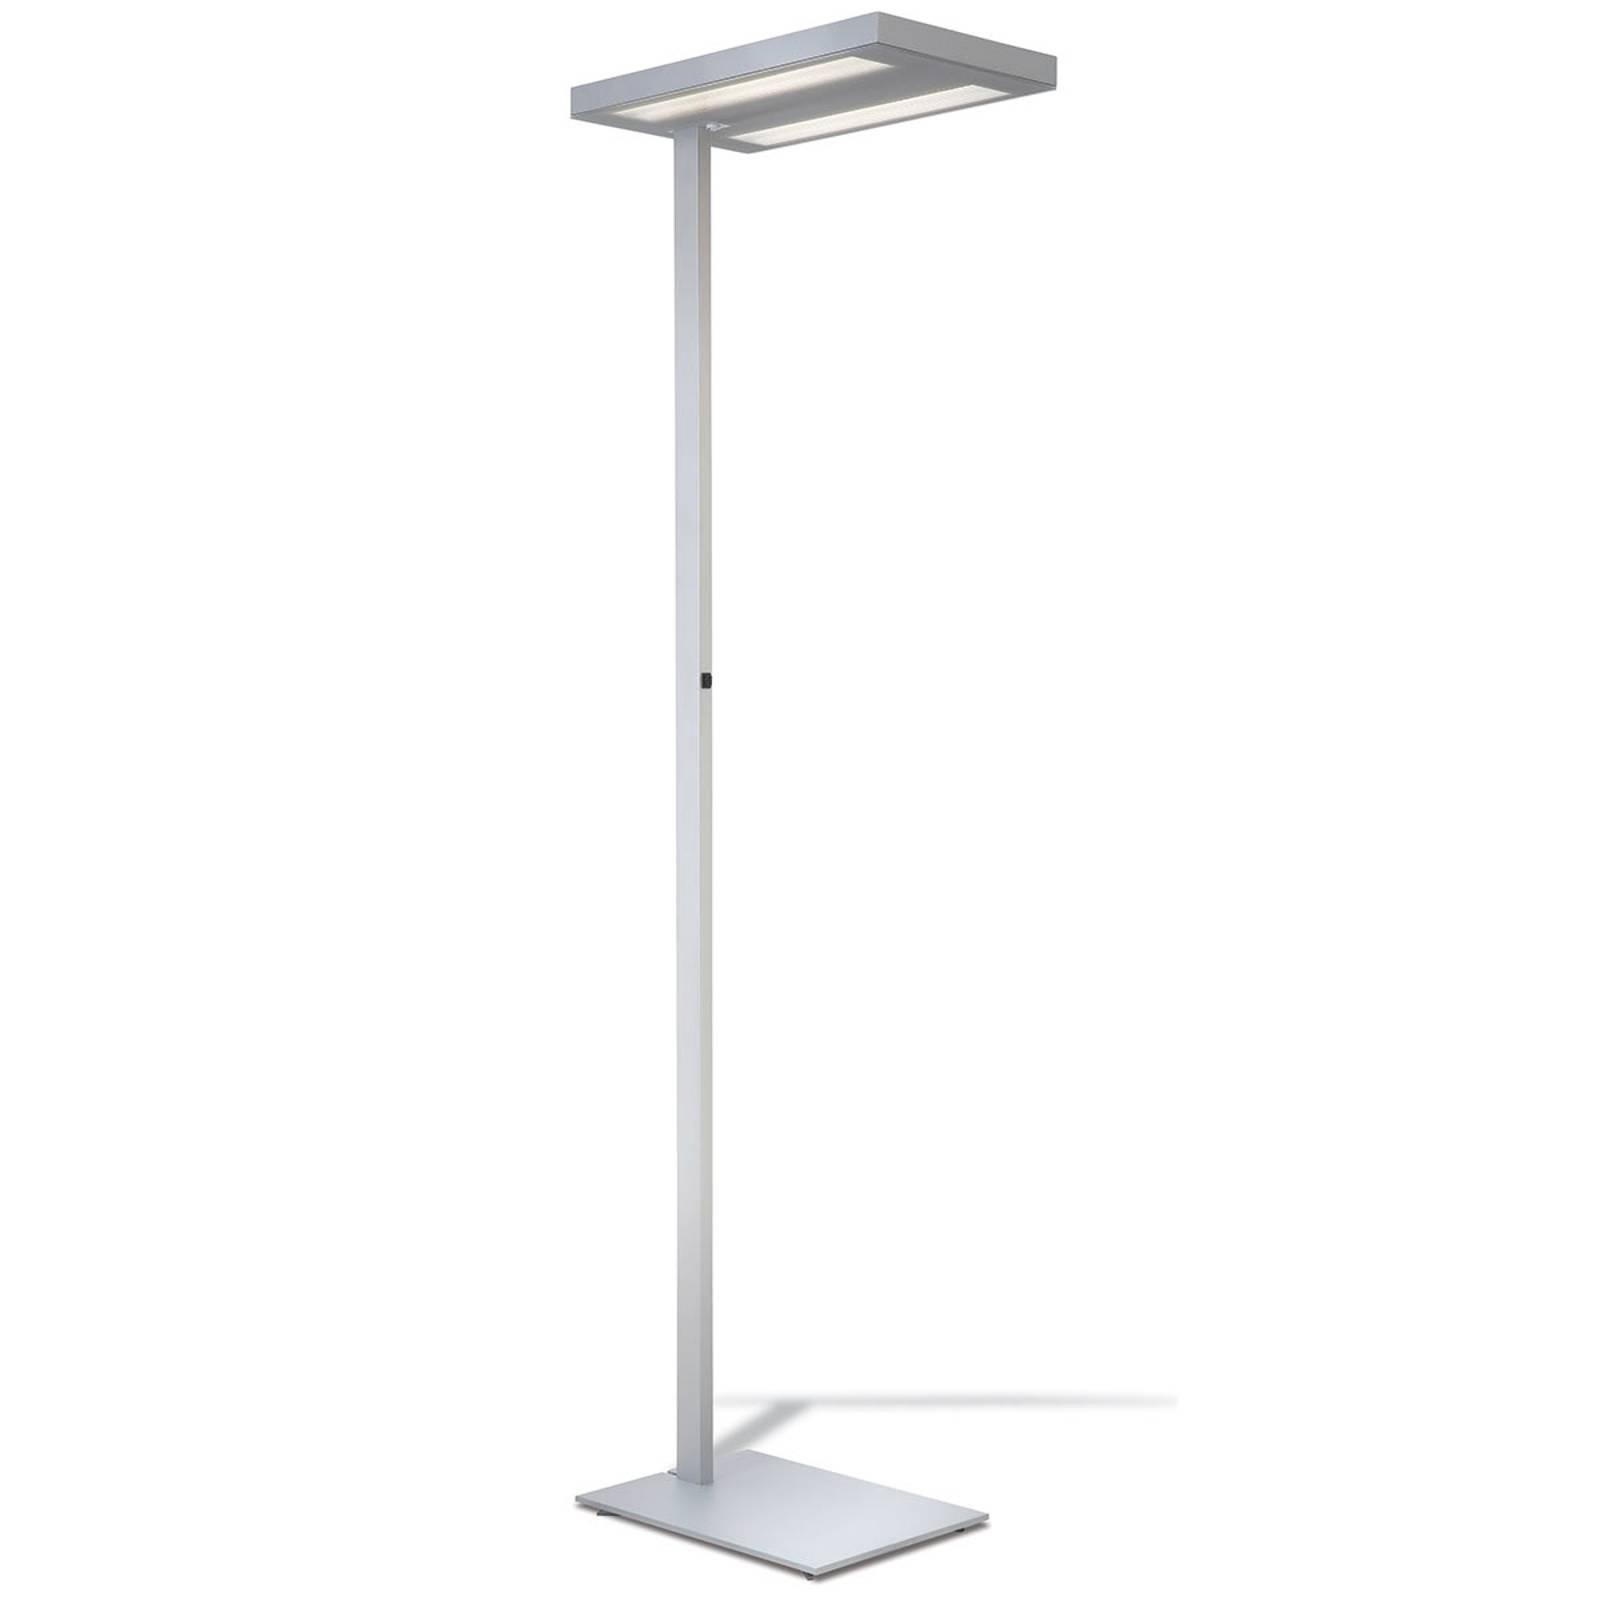 Lampa stojąca do biura Free-Floor biała